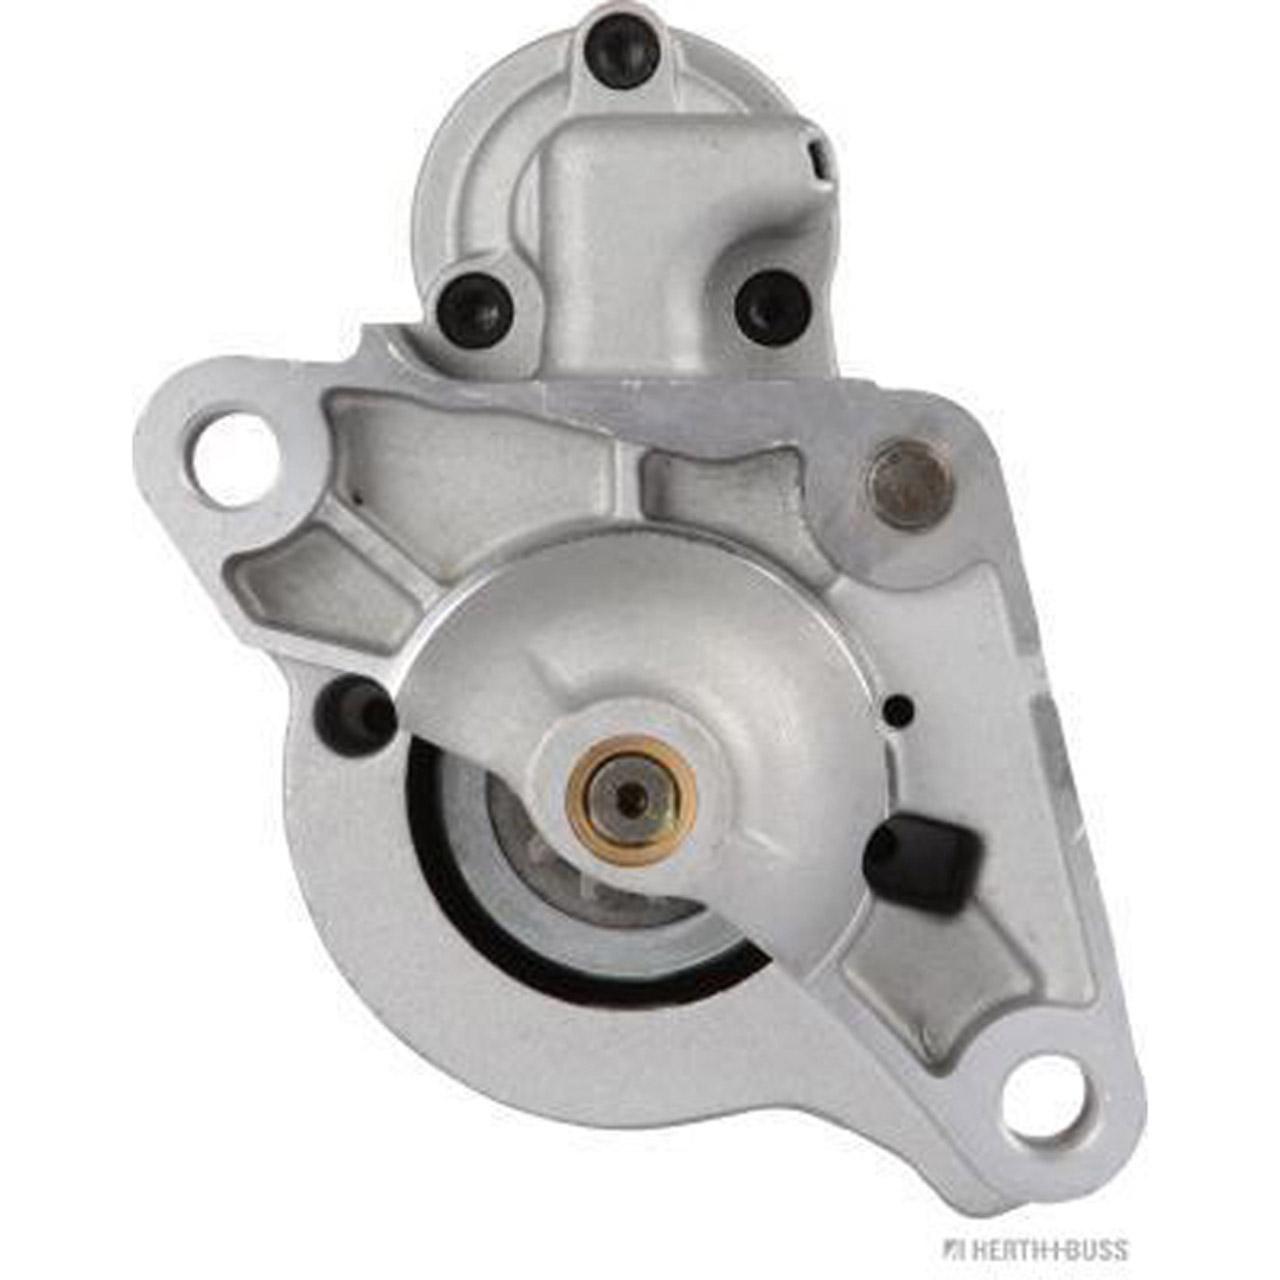 HERTH+BUSS ELPARTS Anlasser Starter 12V 1,4 kW VOLVO S60 2 S80 2 V60 V70 3 3.0/3.2